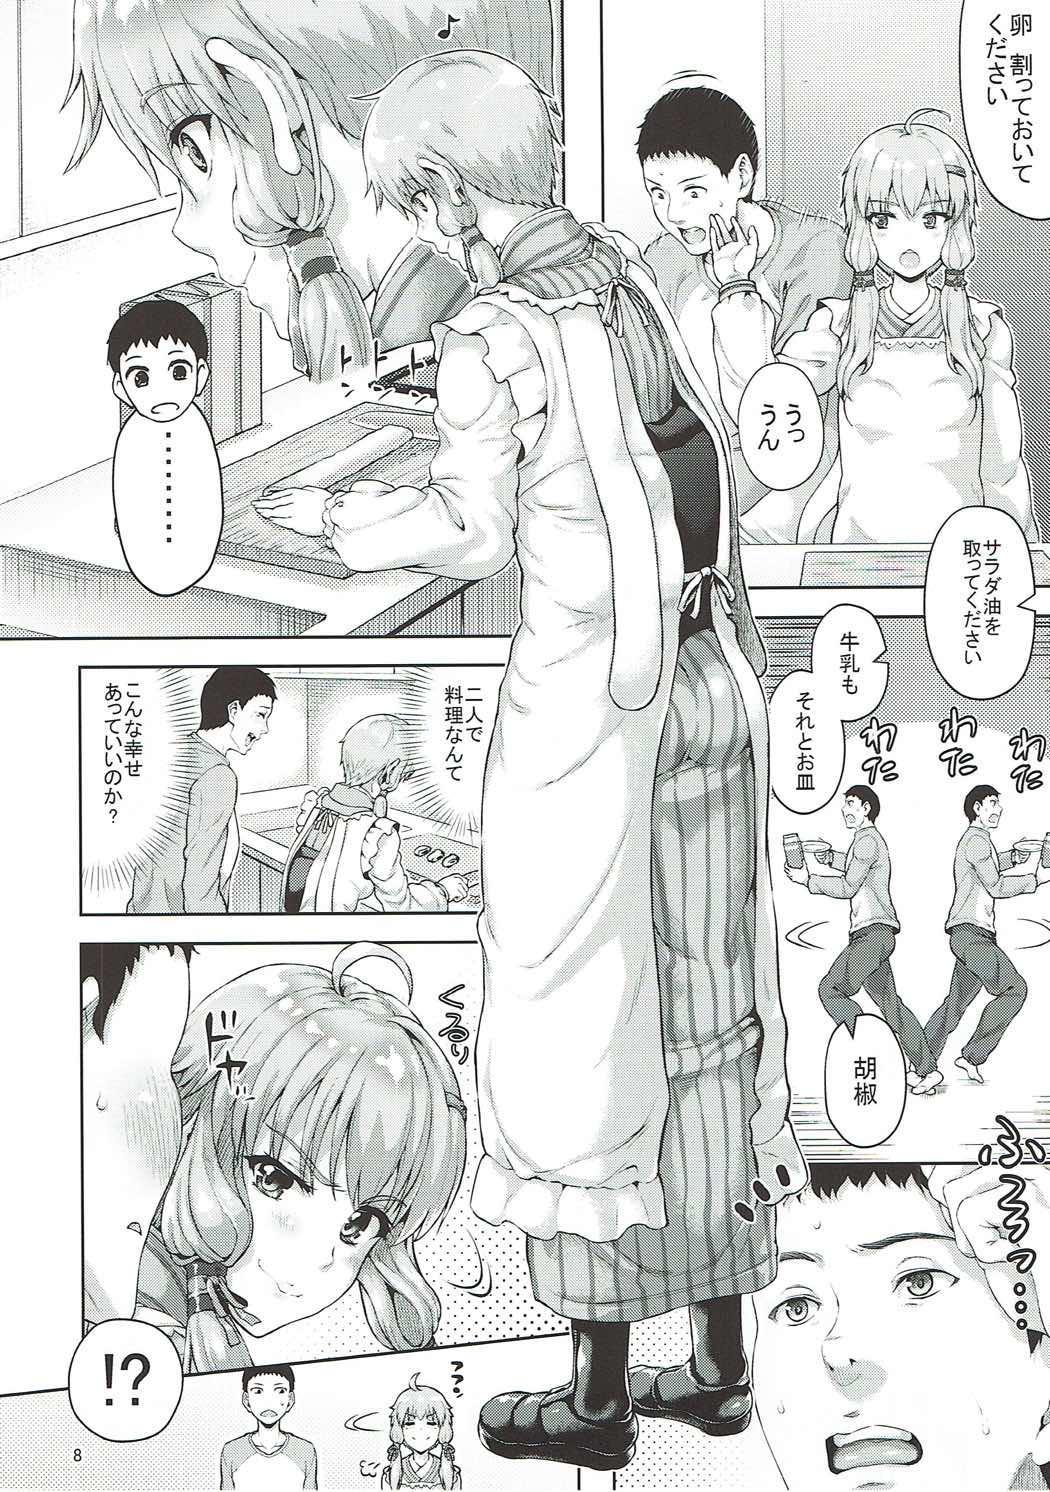 Yukari-san wa Zenzen Erokunai desu kara!!! 6